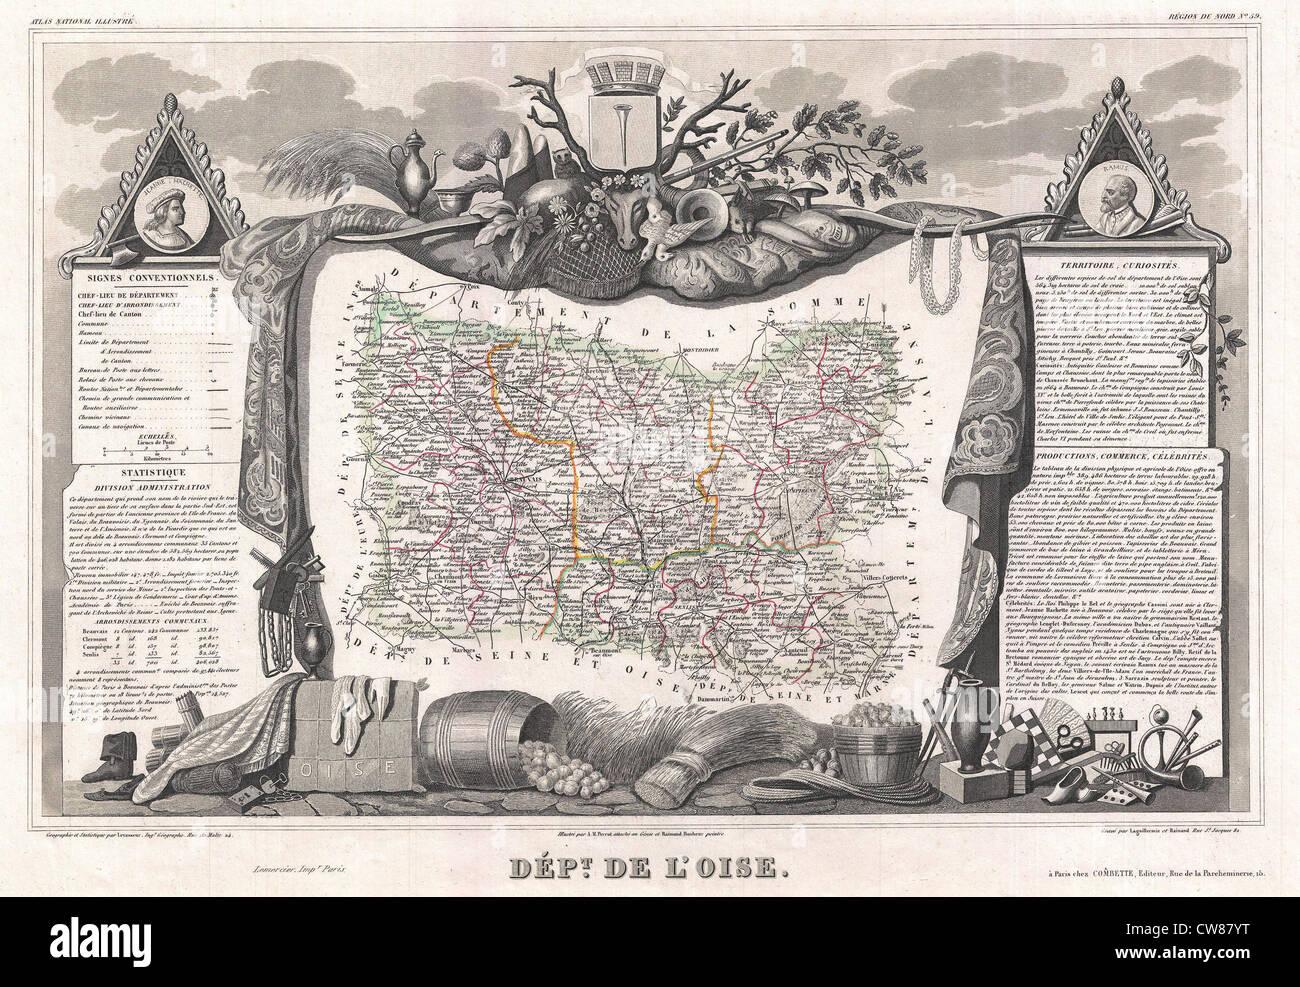 1852 Levasseur Map of the Department De L'Oise, France - Stock Image